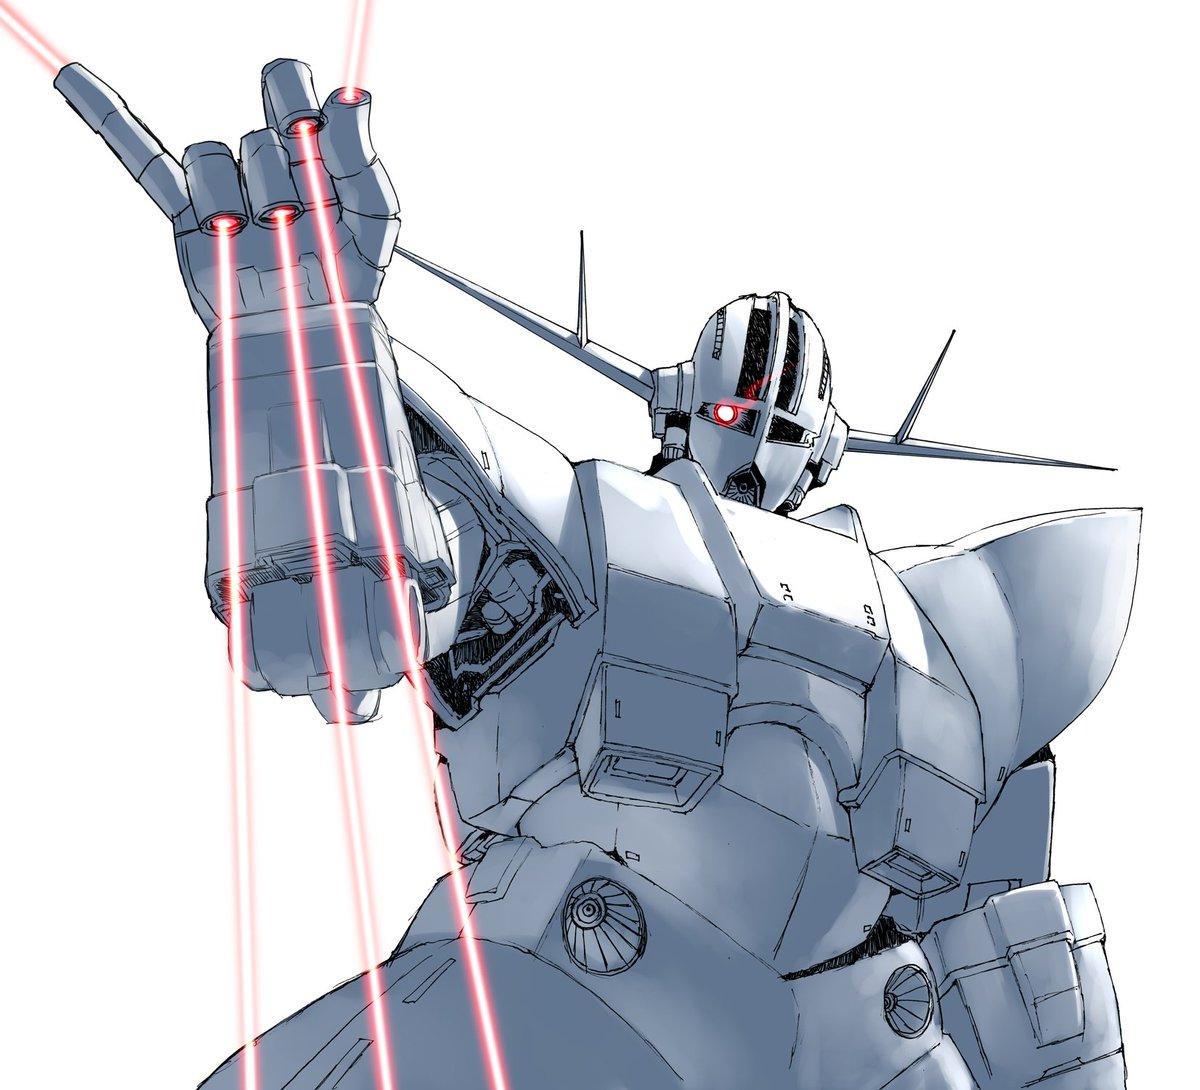 TLの下の人にメガ粒子砲を振りかけるジオング。(h